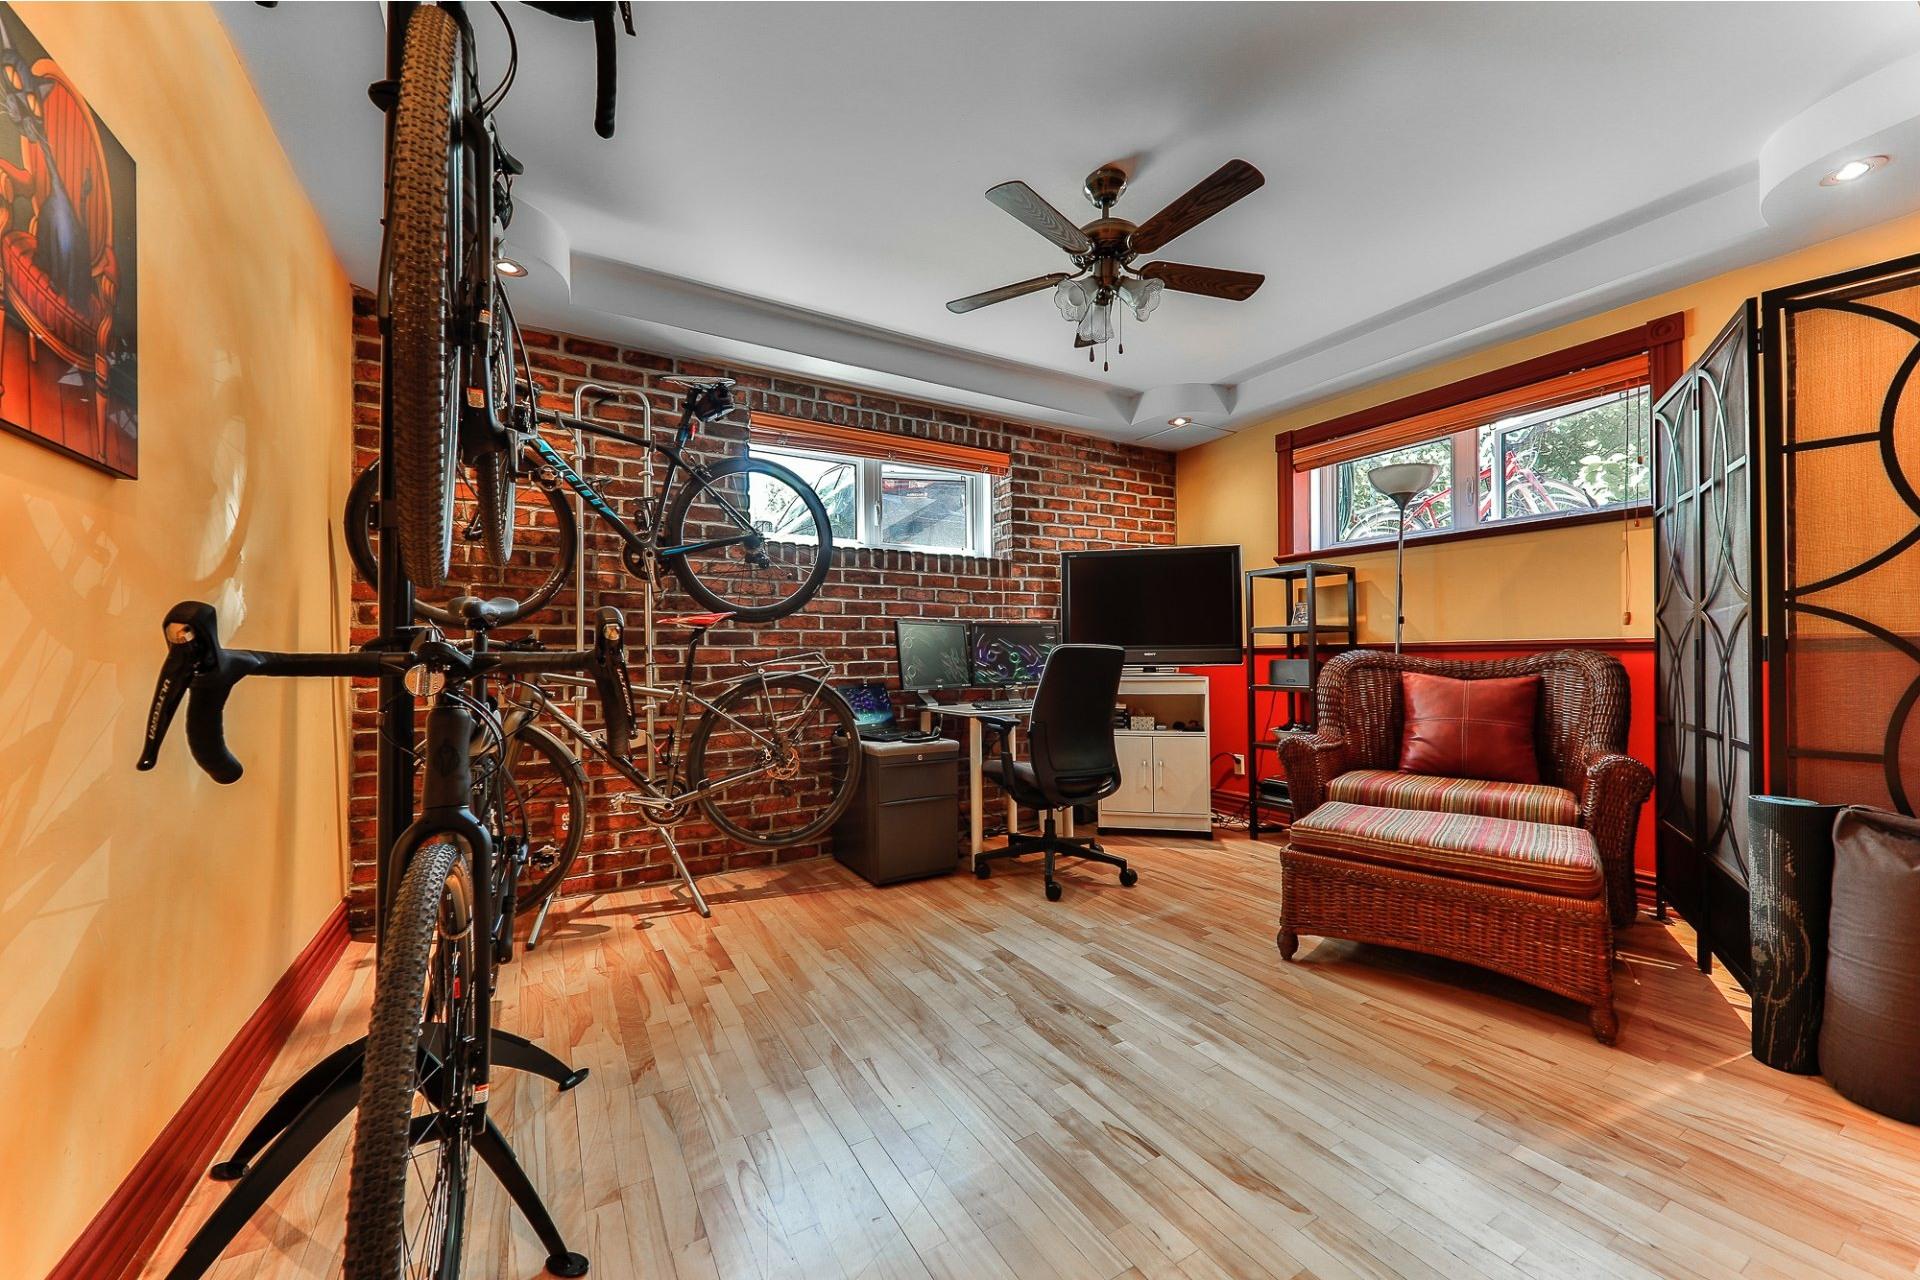 image 8 - Apartment For sale Villeray/Saint-Michel/Parc-Extension Montréal  - 6 rooms